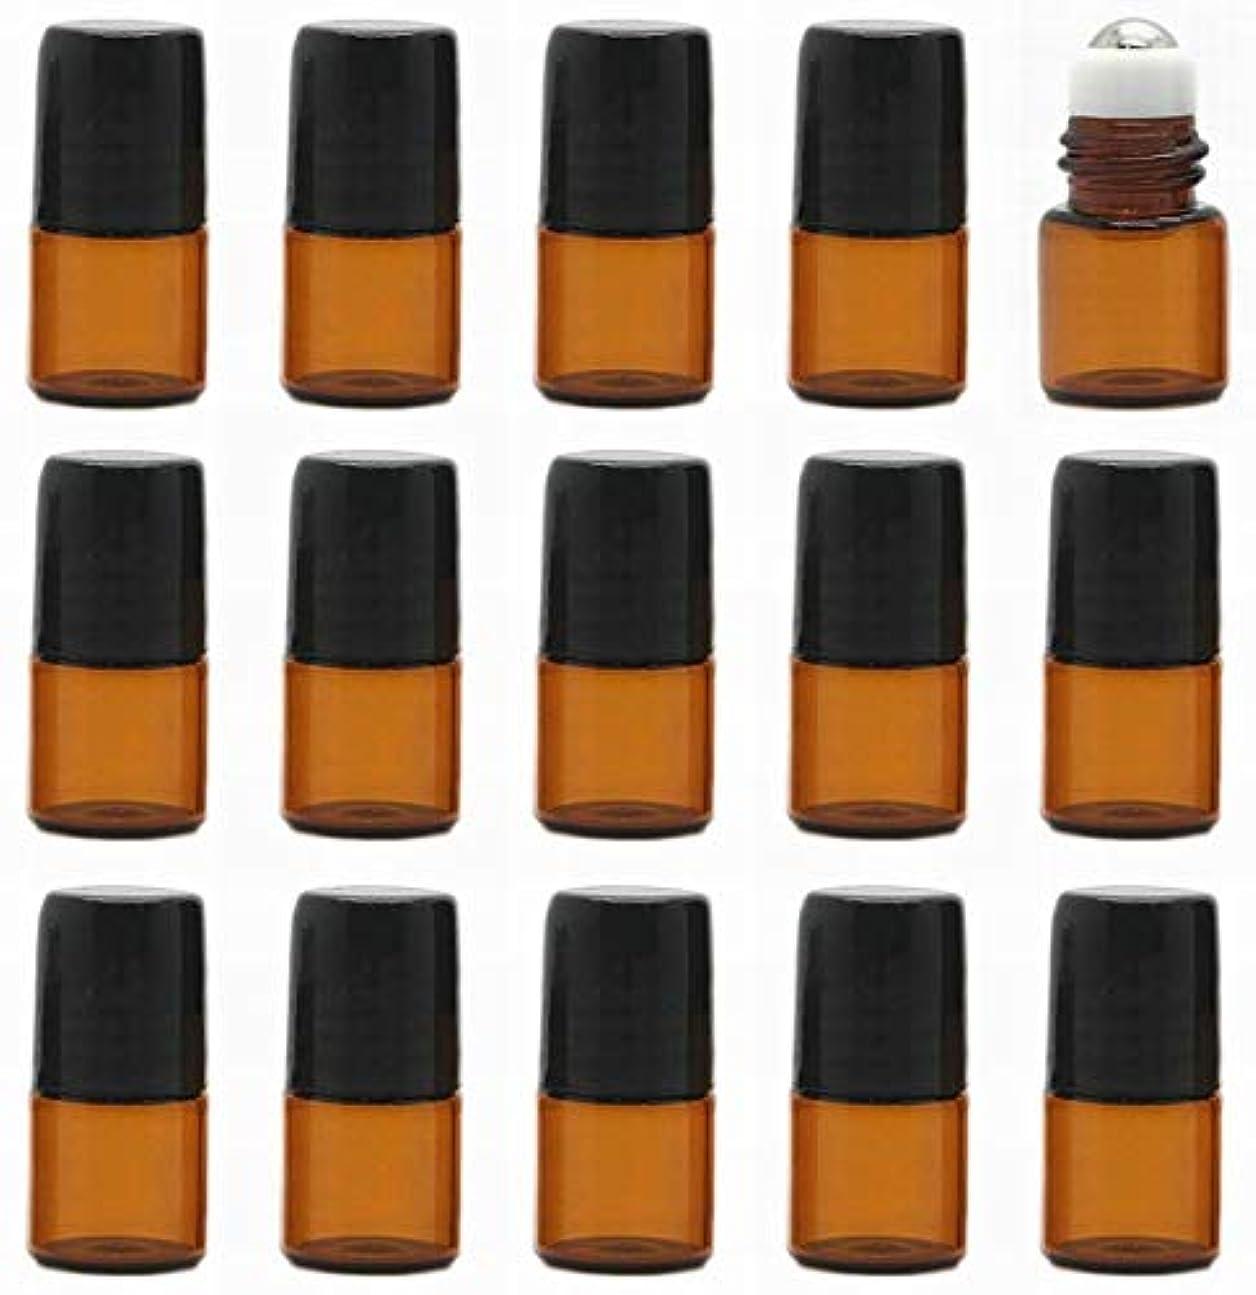 トマトルーキー銀河15本セット 精油 香水 小分け用ロールオンボトル 遮光瓶 セット 茶 ガラス アロマ ボトル オイル 用 瓶 ビン